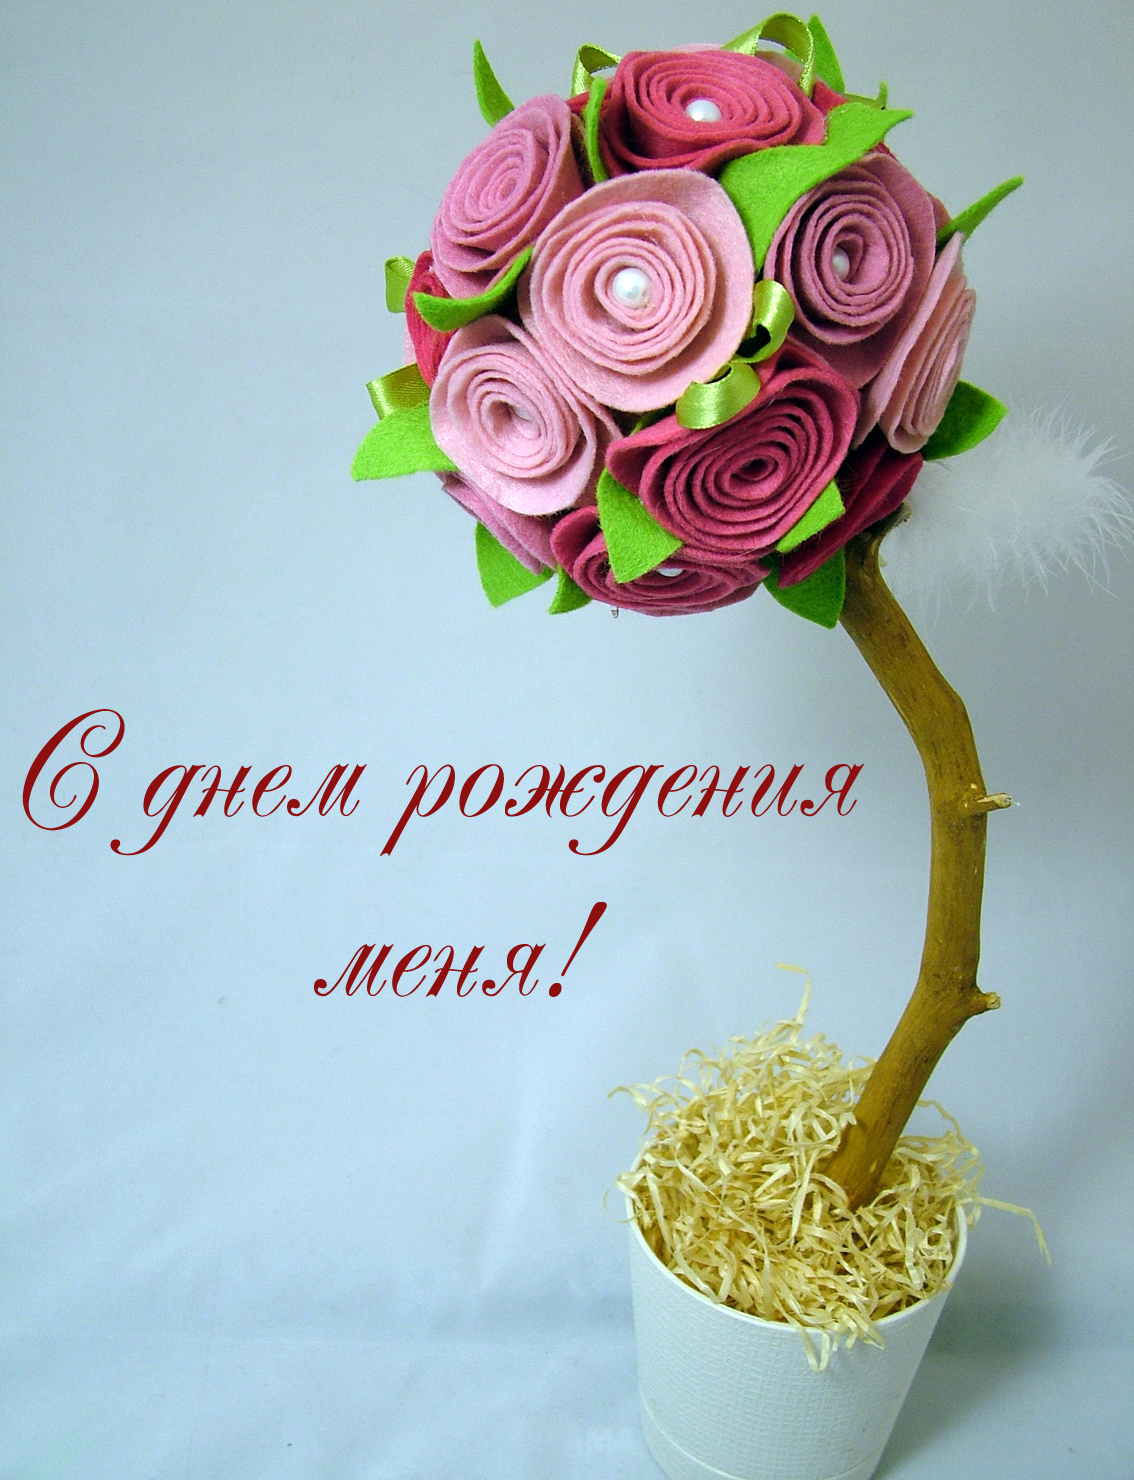 Статусы спасибо за поздравления с днем рождения меня